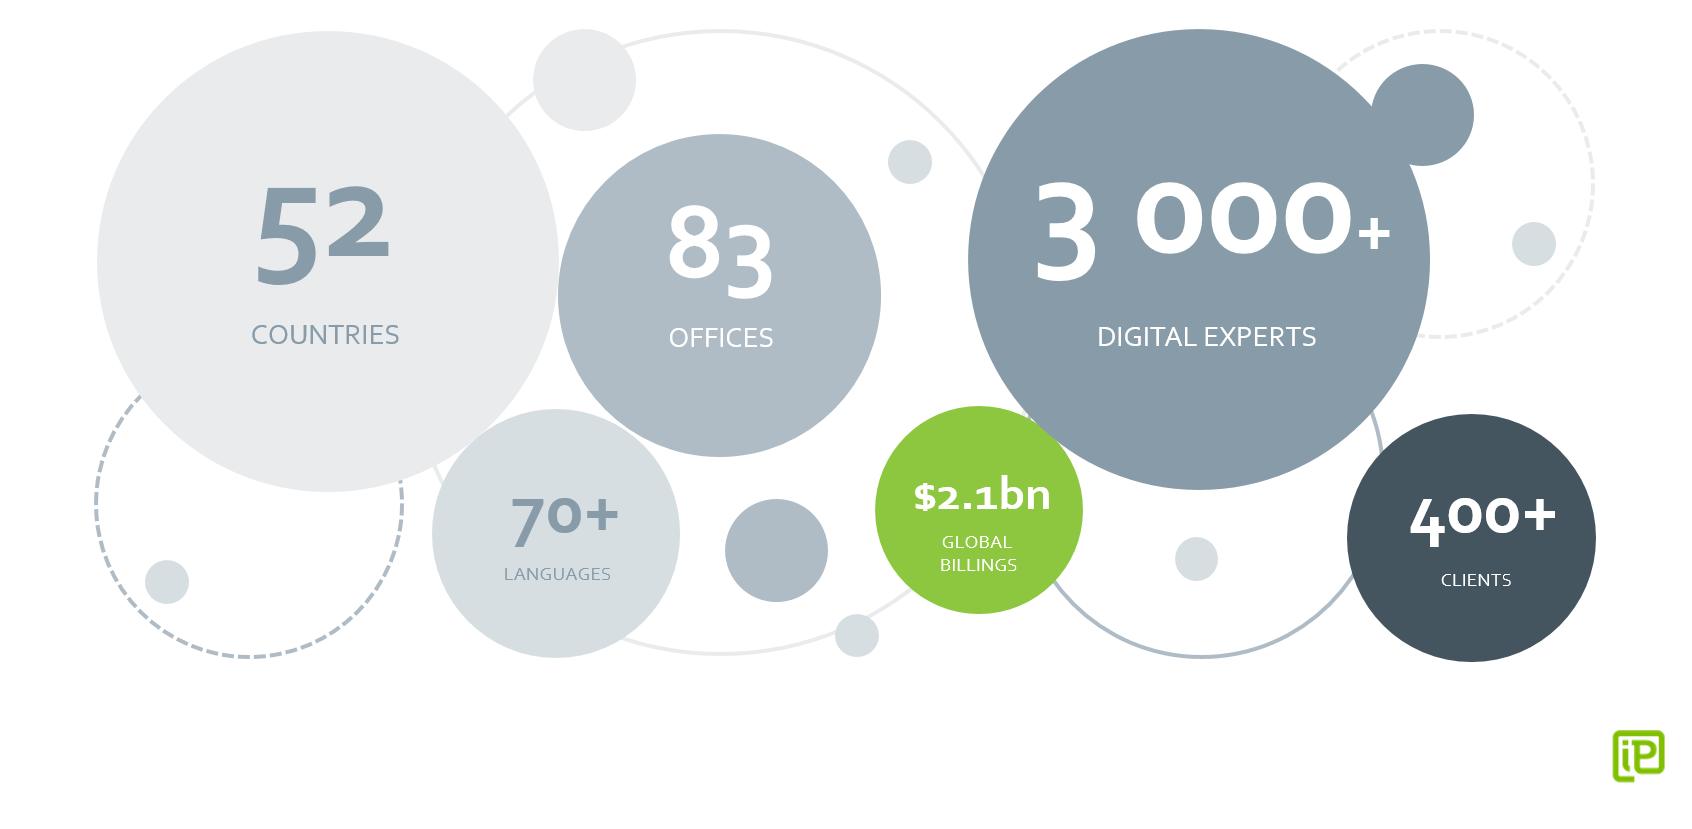 iProspect on globaali tulospohjaisen digitaalisen markkinoinnin yhtiö.